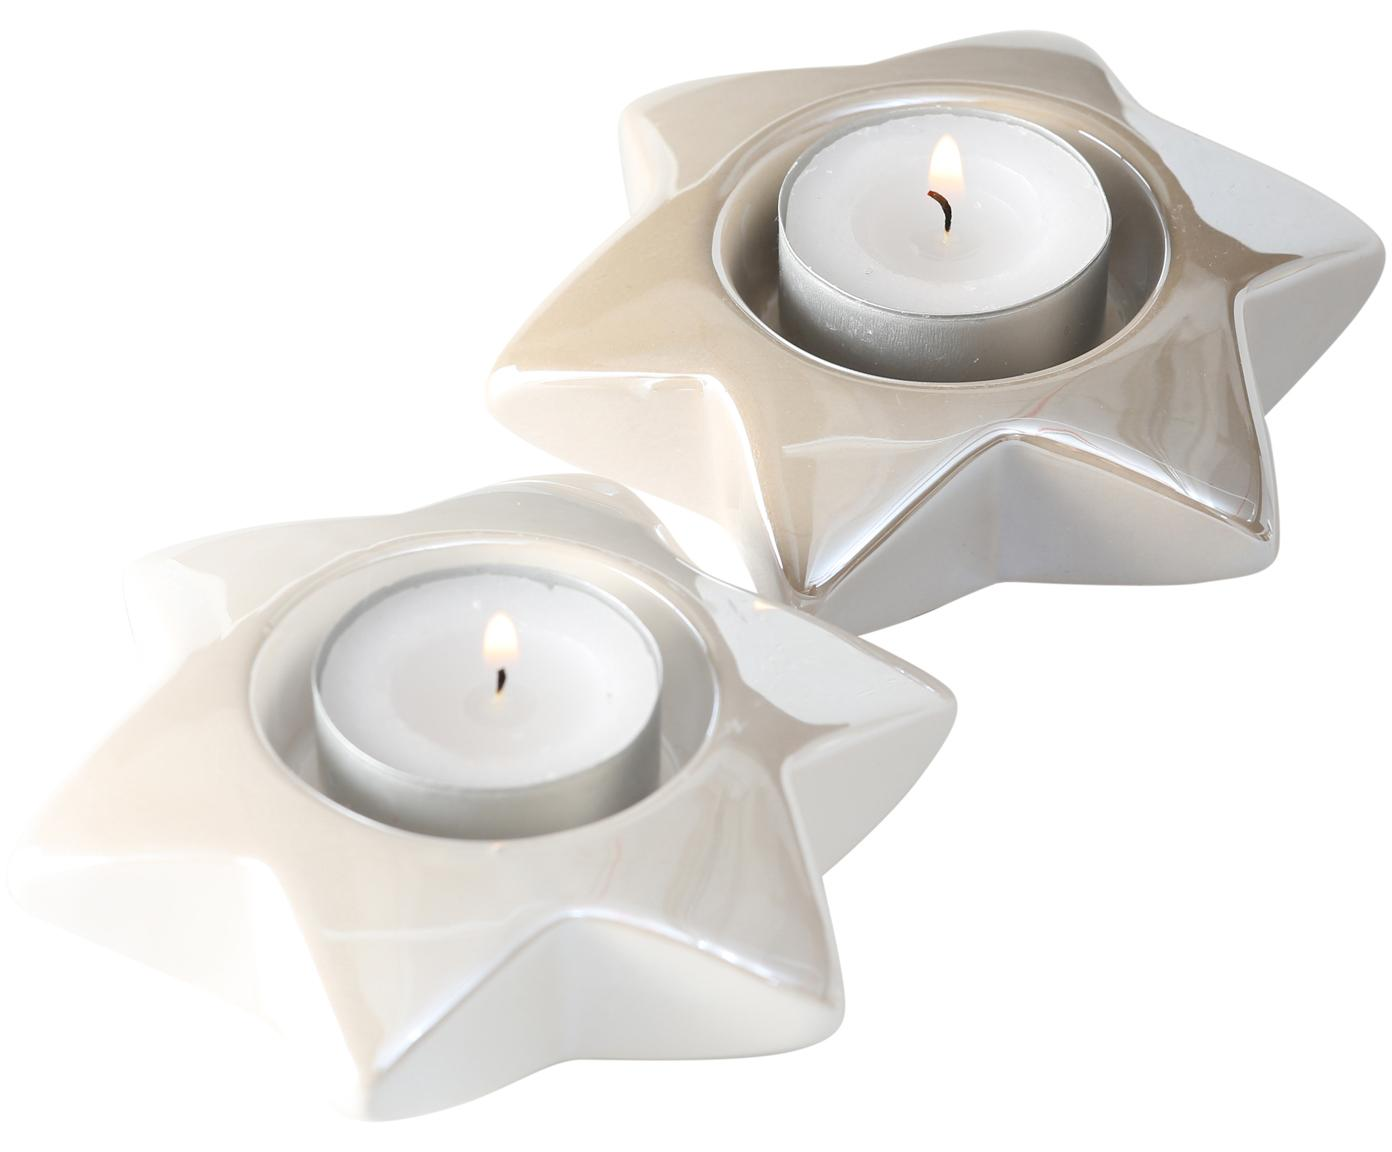 Komplet świeczników na podgrzewacze Star, 2elem., Kamionka, Kremowy, beżowy, Ø 11 x W 3 cm